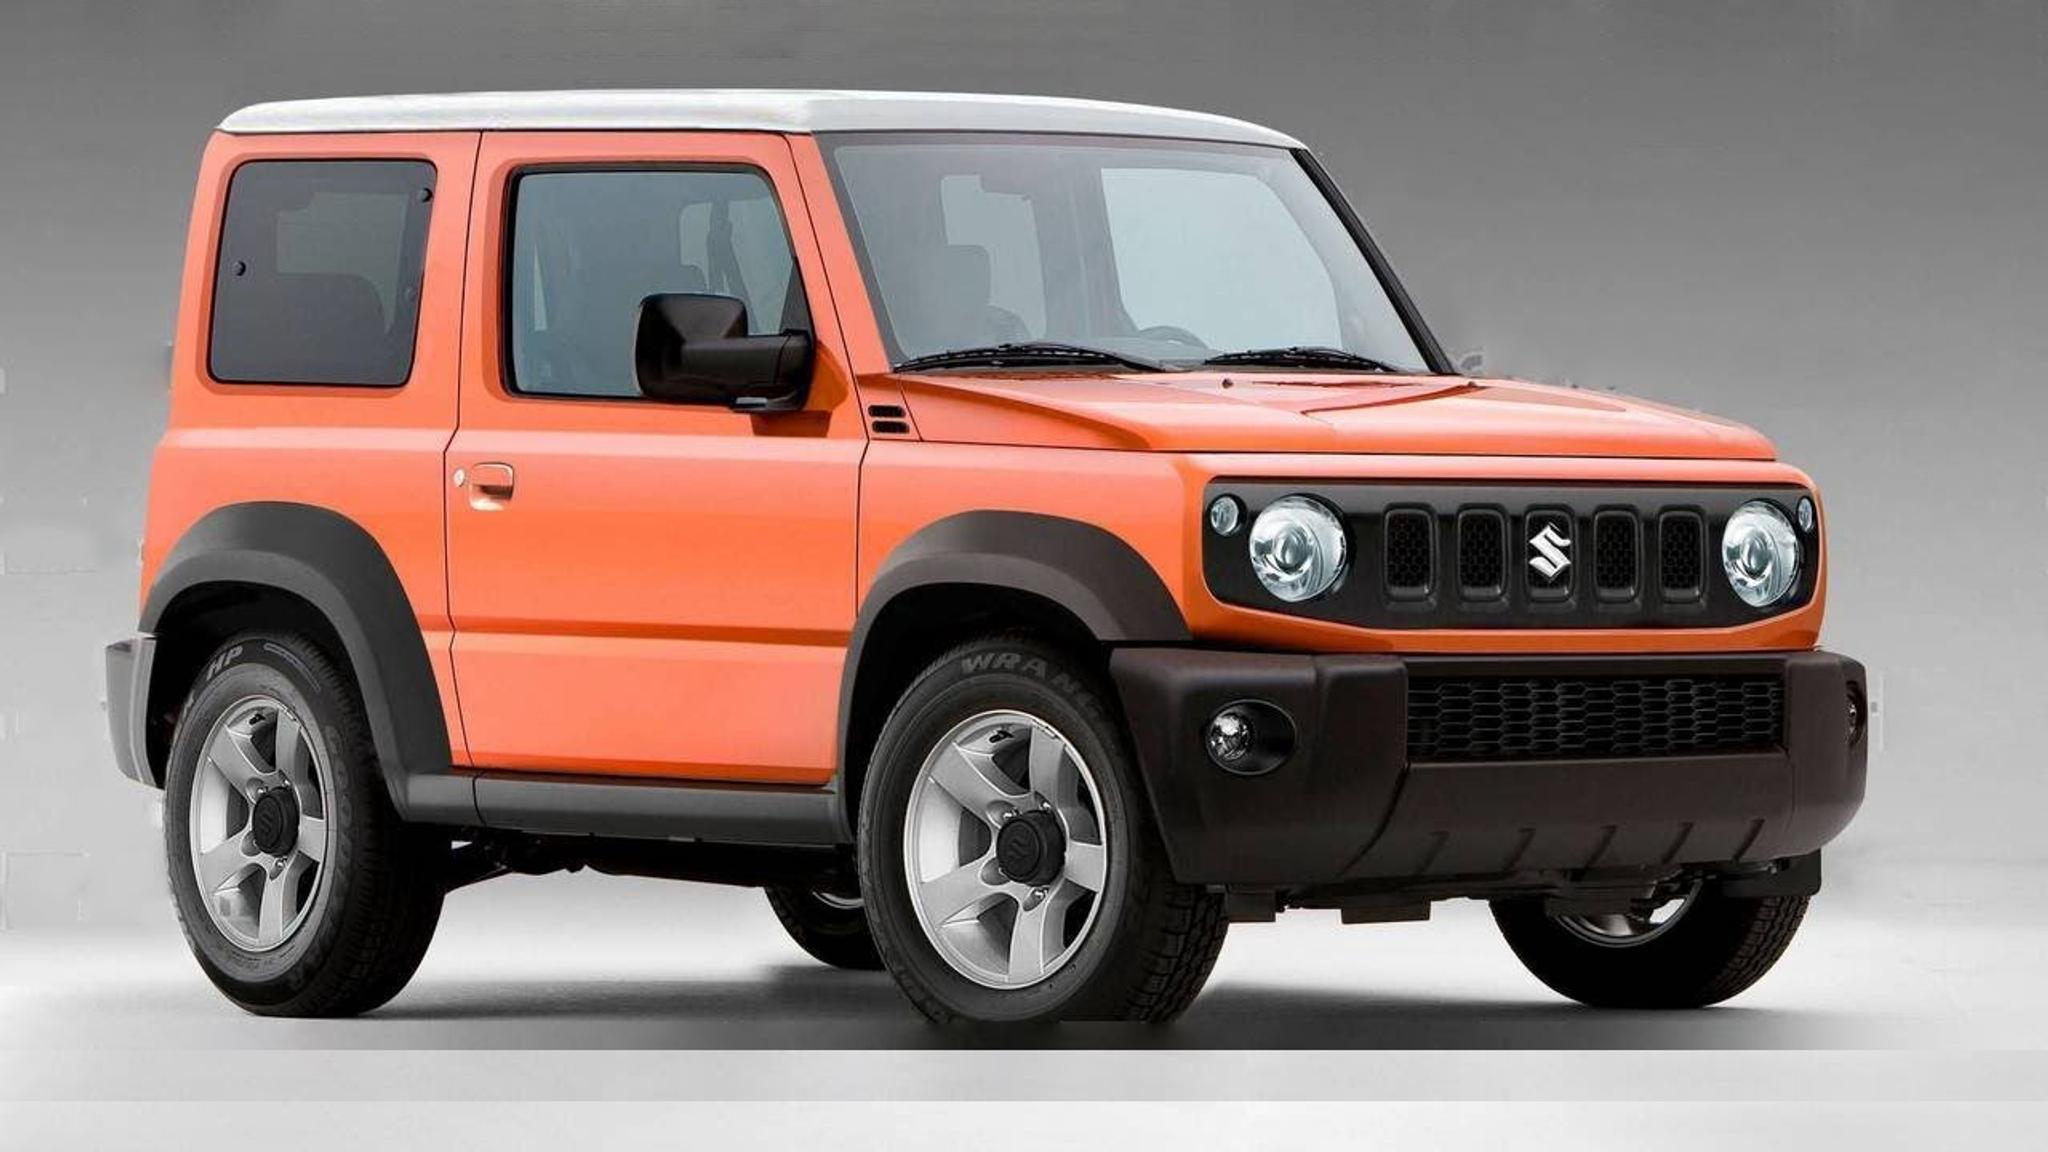 Suzuki Mini Suv >> Katso Kuvat Suzuki Esitteli Uuden Entista Kulmikkaamman